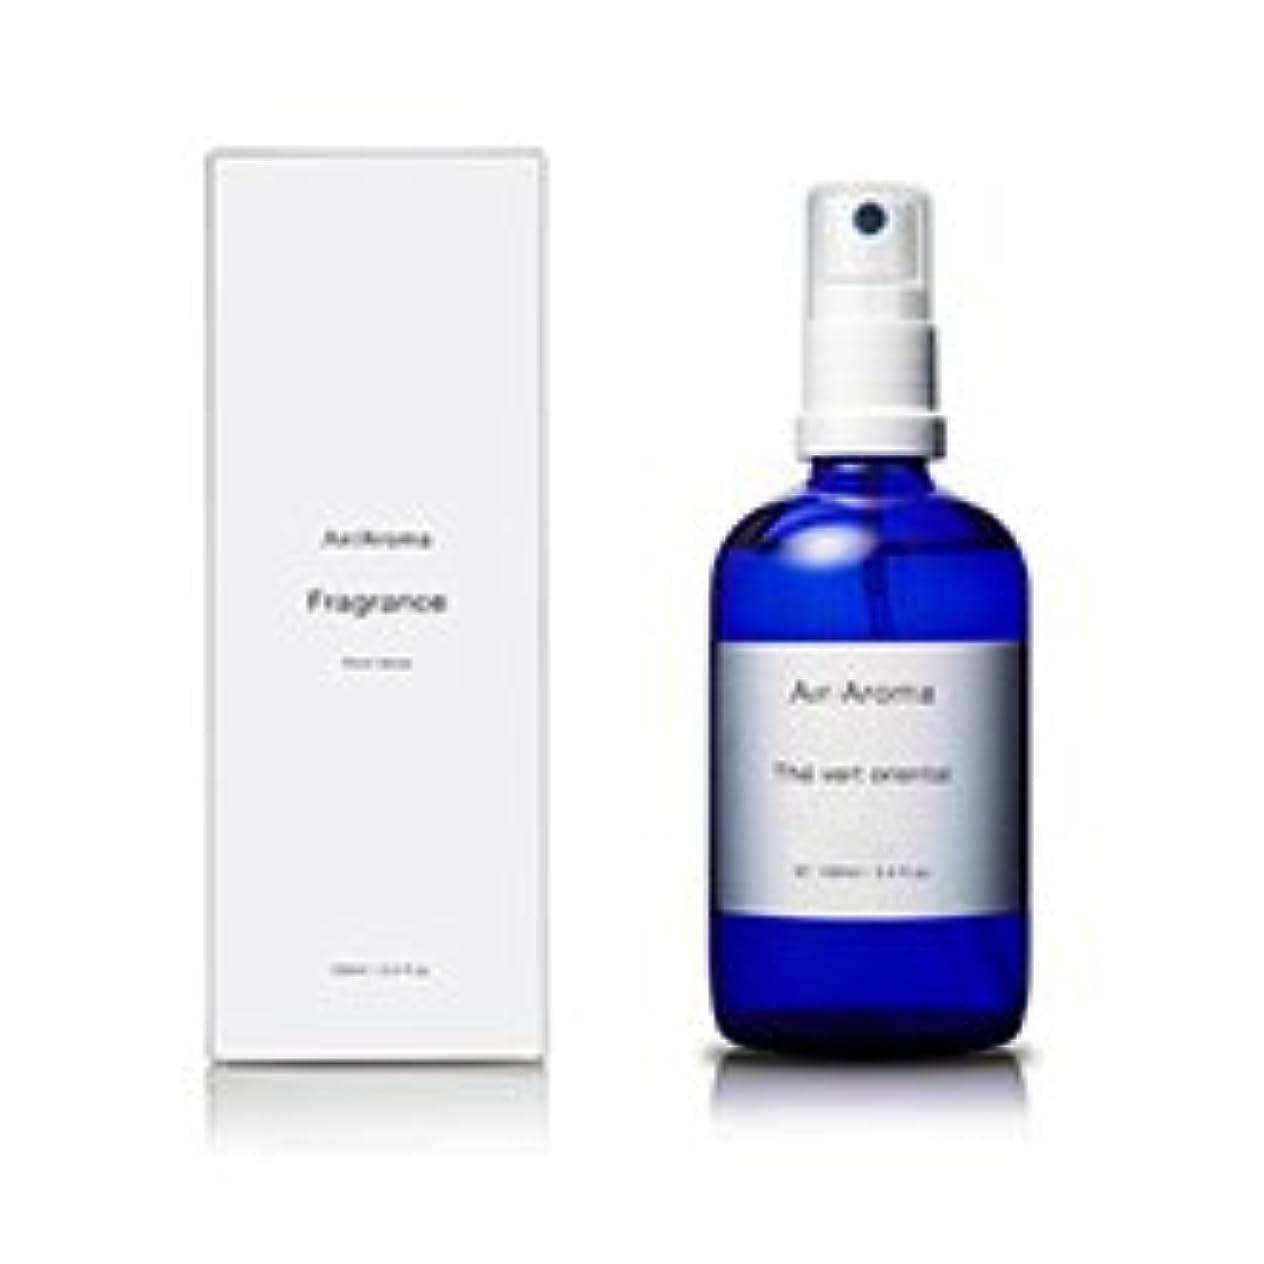 利益グレートオーク腸エアアロマ the vert oriental room fragrance(テヴェールオリエンタル ルームフレグランス) 100ml